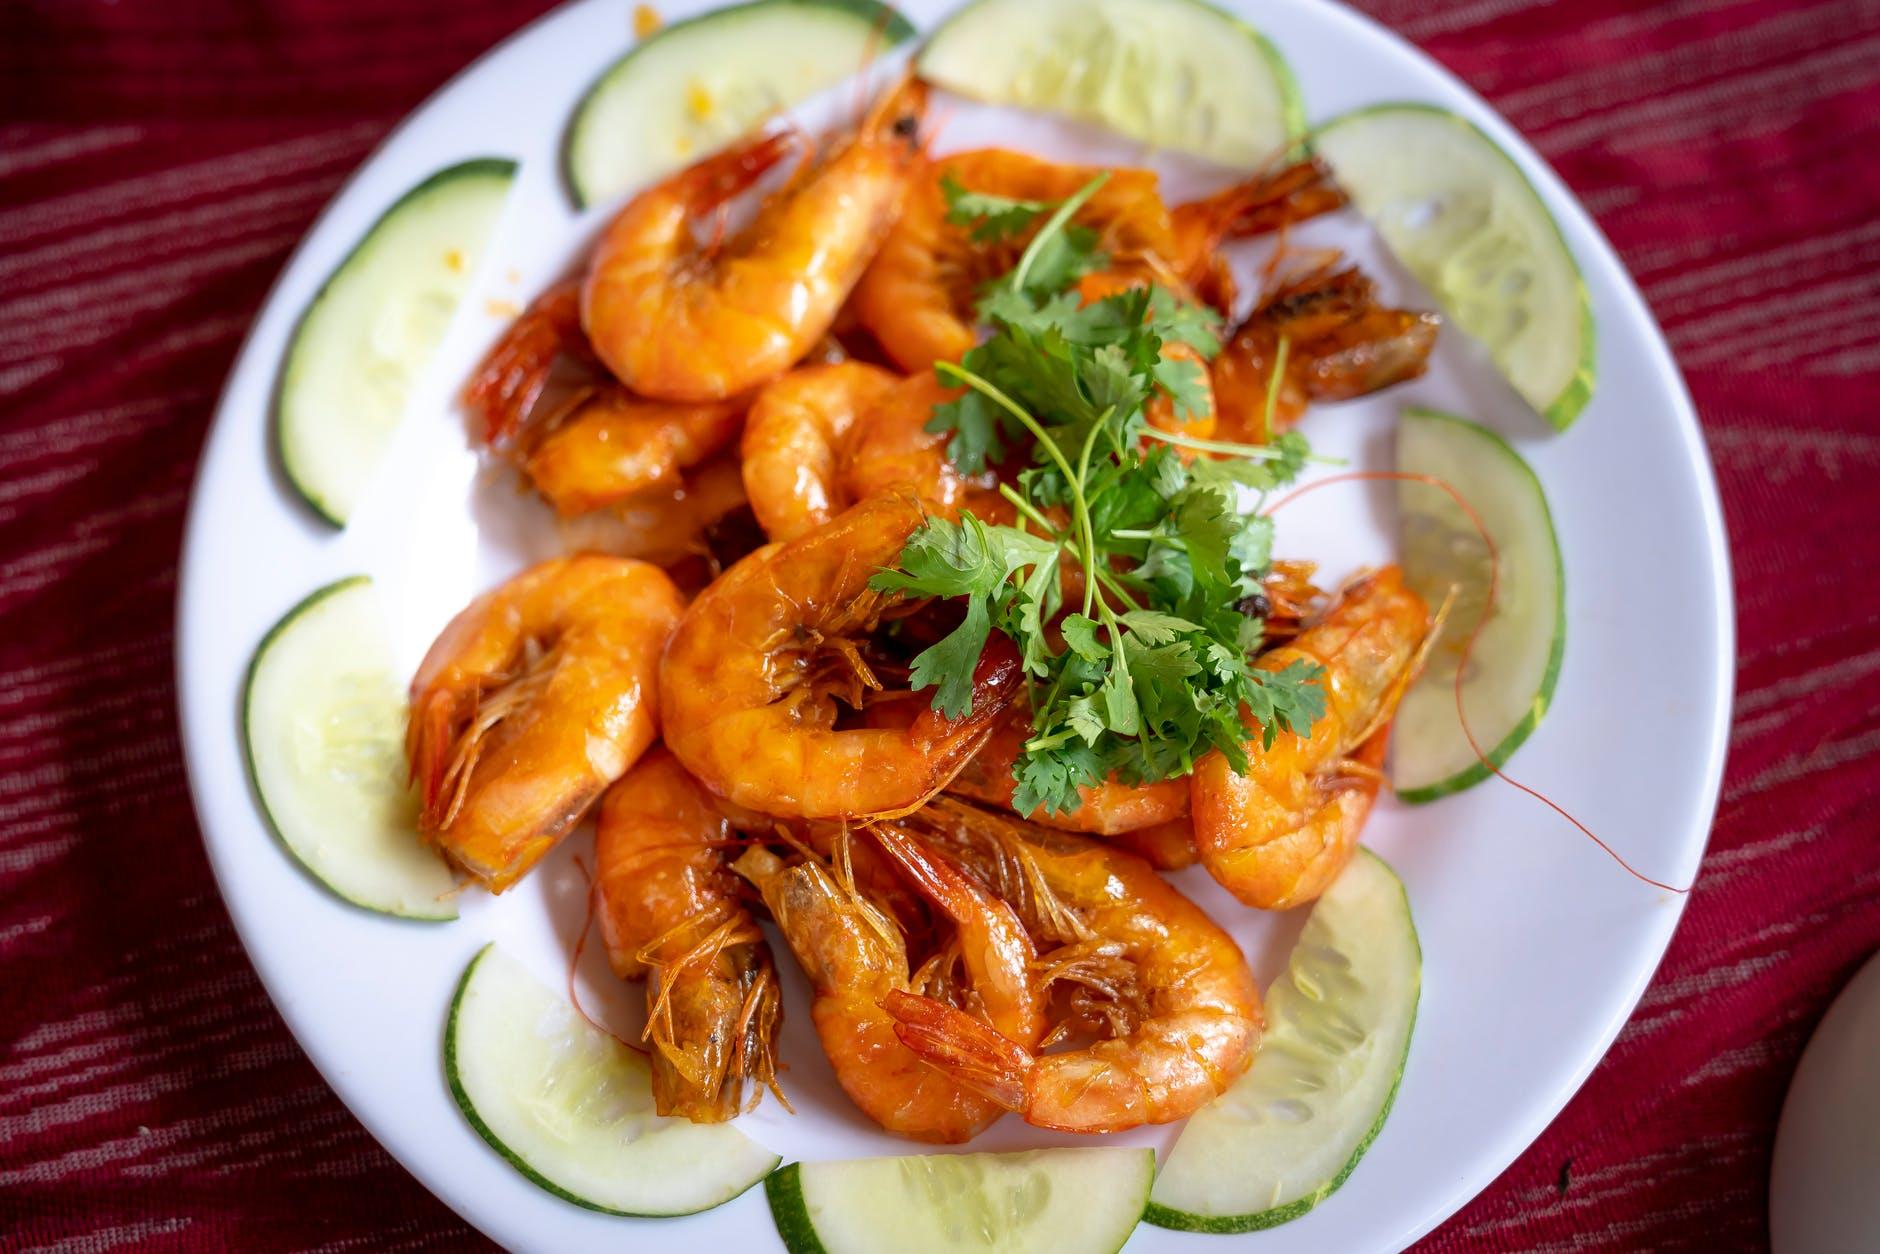 Creveți delicioși, cu usturoi și lămâie! Rețetă gustoasă, ideală pentru zilele de weekend